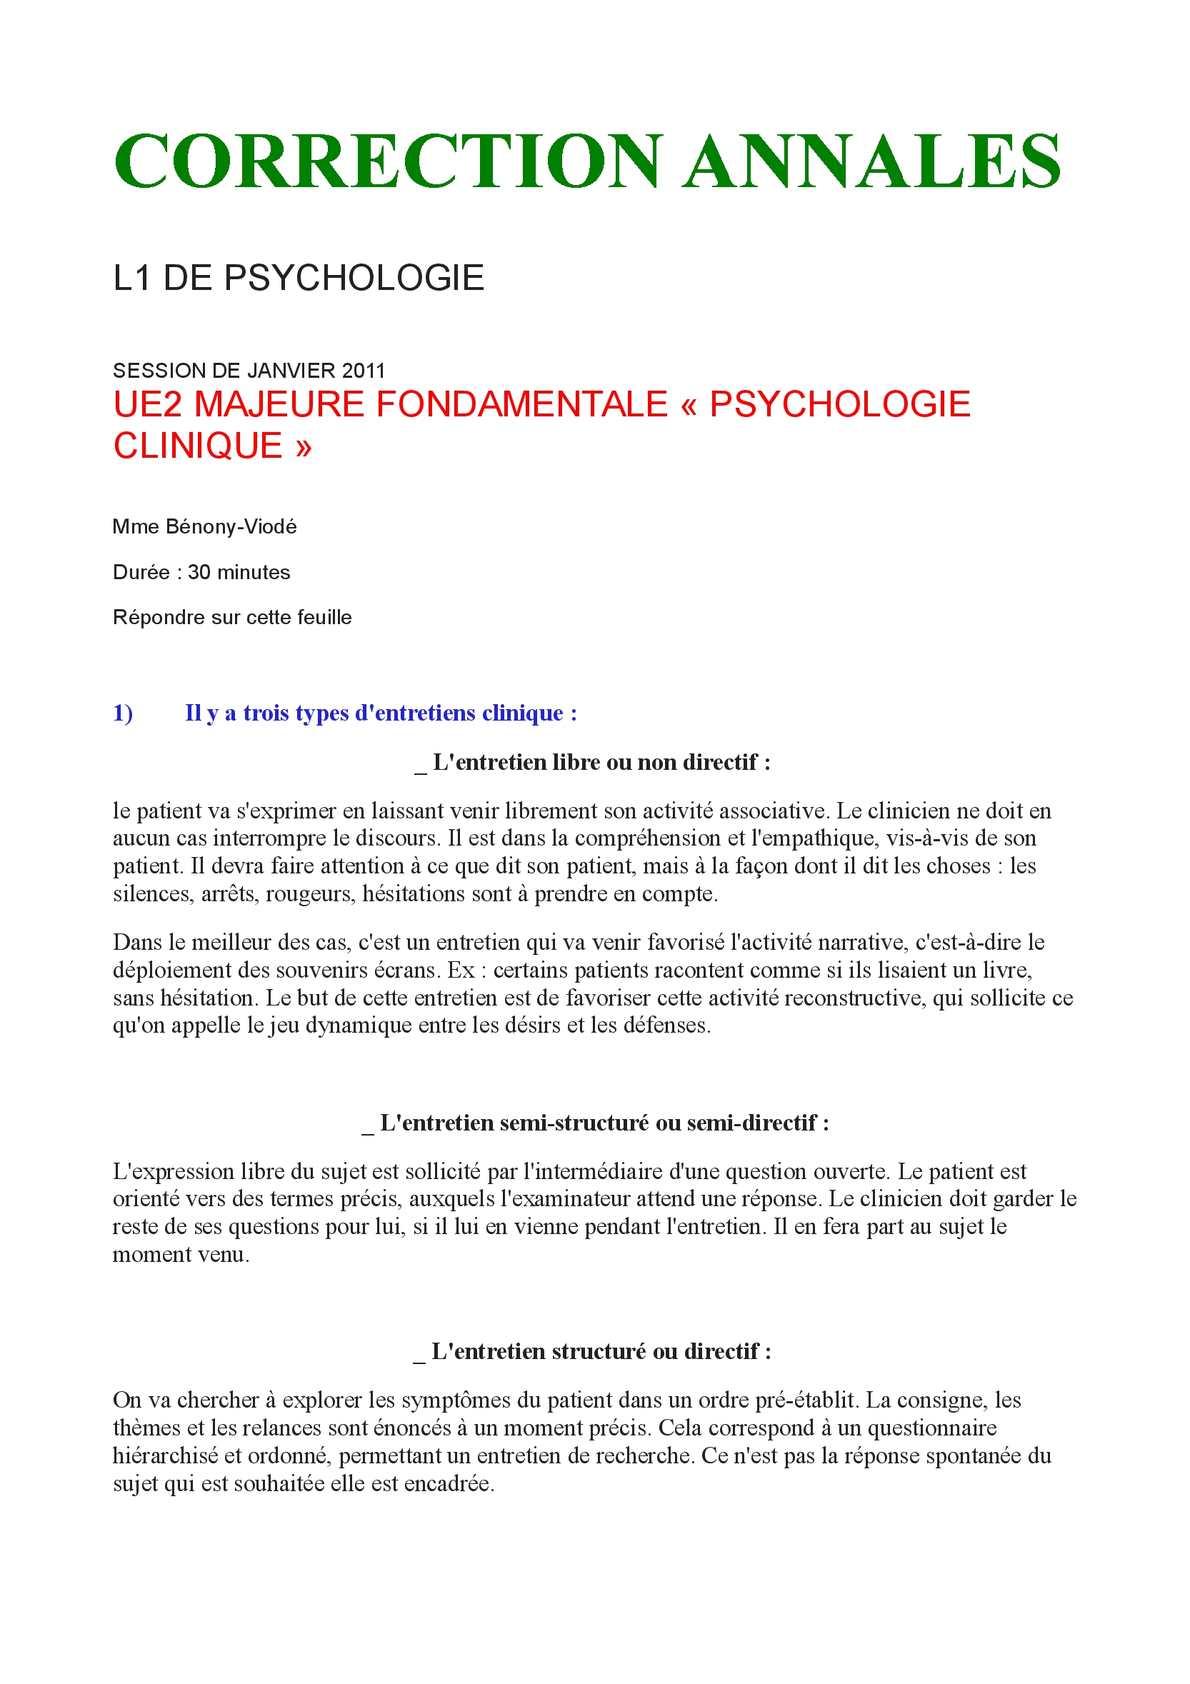 Calaméo - Annales de psychologie clinique